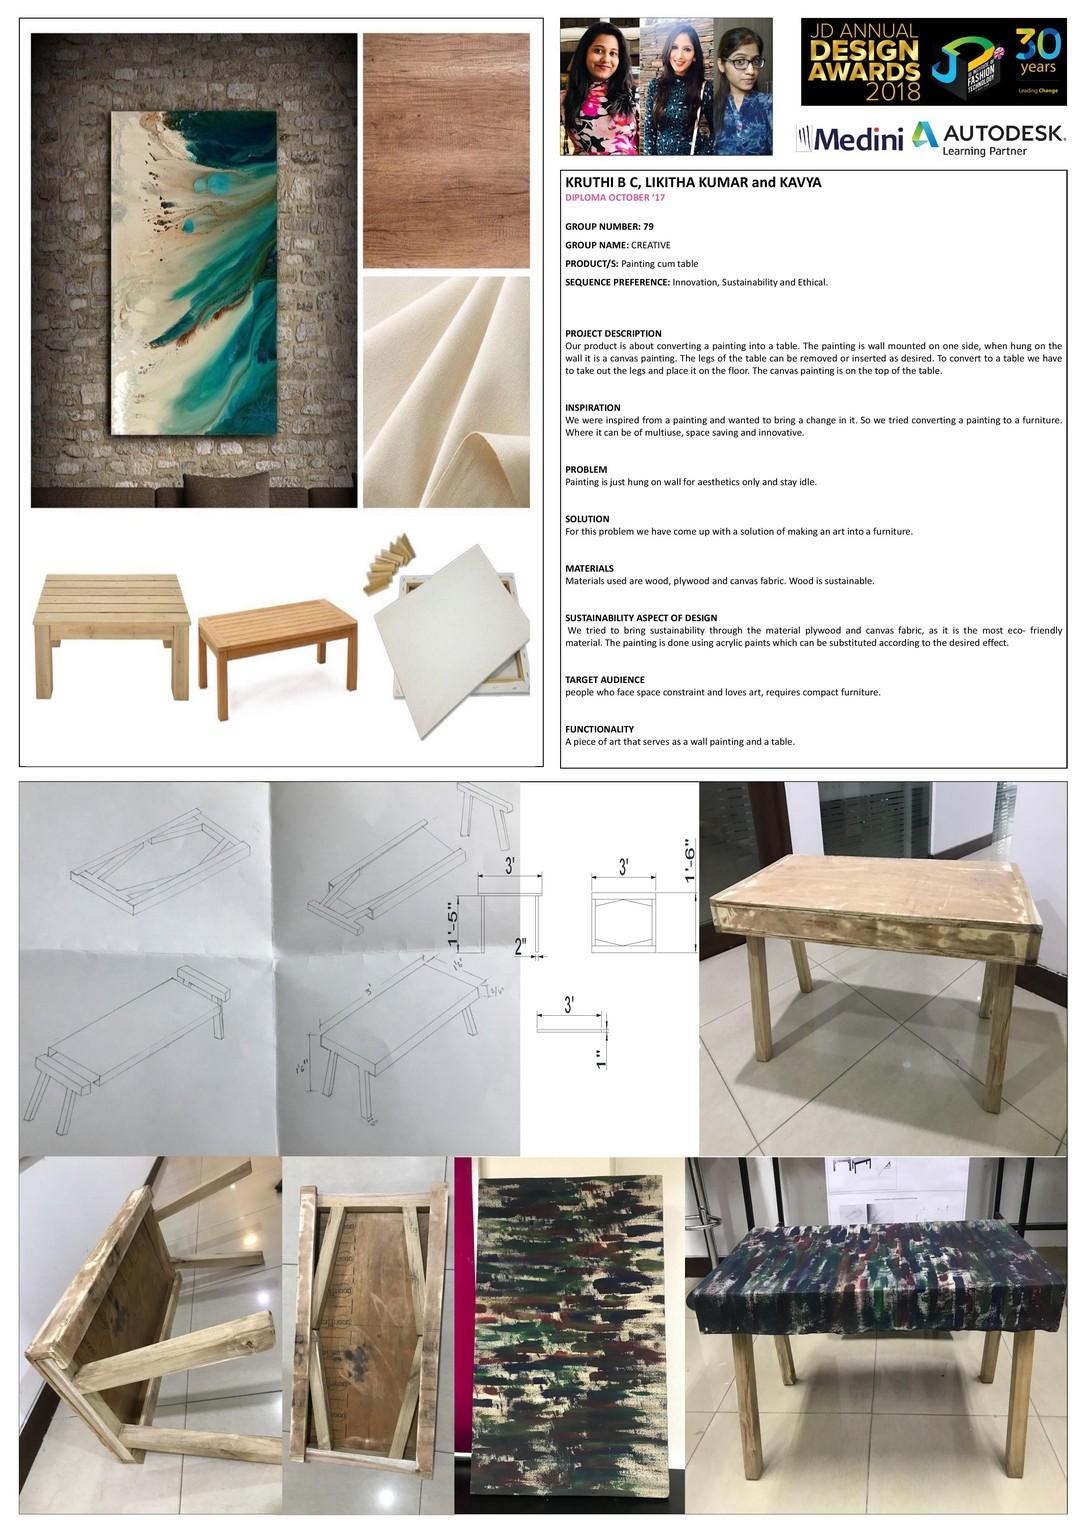 Painting cum table– Change – JD Annual Design Awards 2018 | Designer: Kruthi, Likitha, Kavya | Photography : Jerin Nath (@jerin_nath)  painting cum table - painting cum - Painting cum table– Change – JD Annual Design Awards 2018